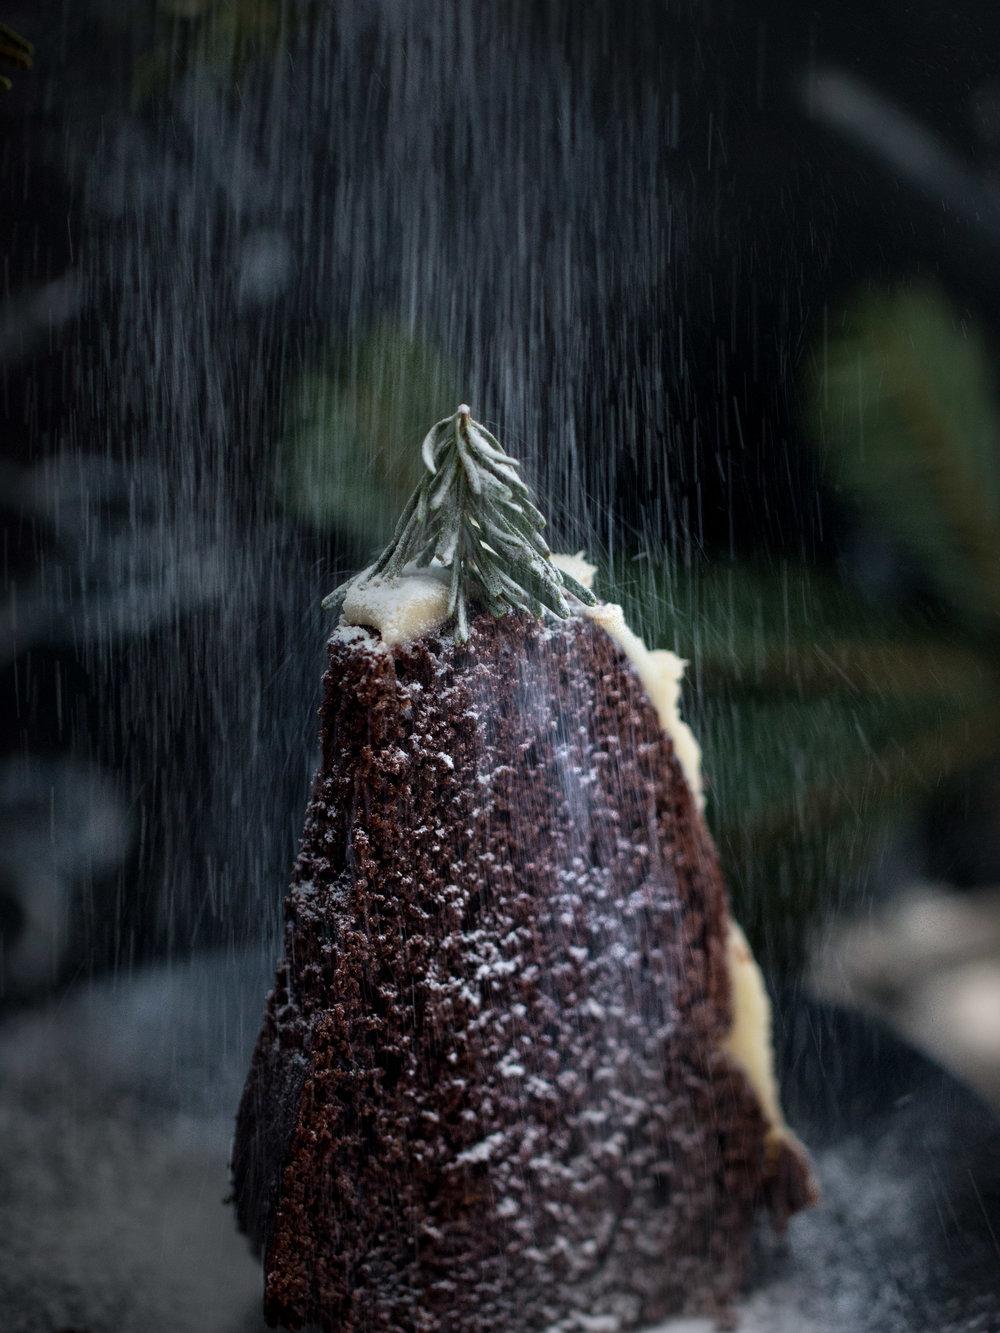 Çocukluk fantezim. Üzerine kar yağan kek dağı:)